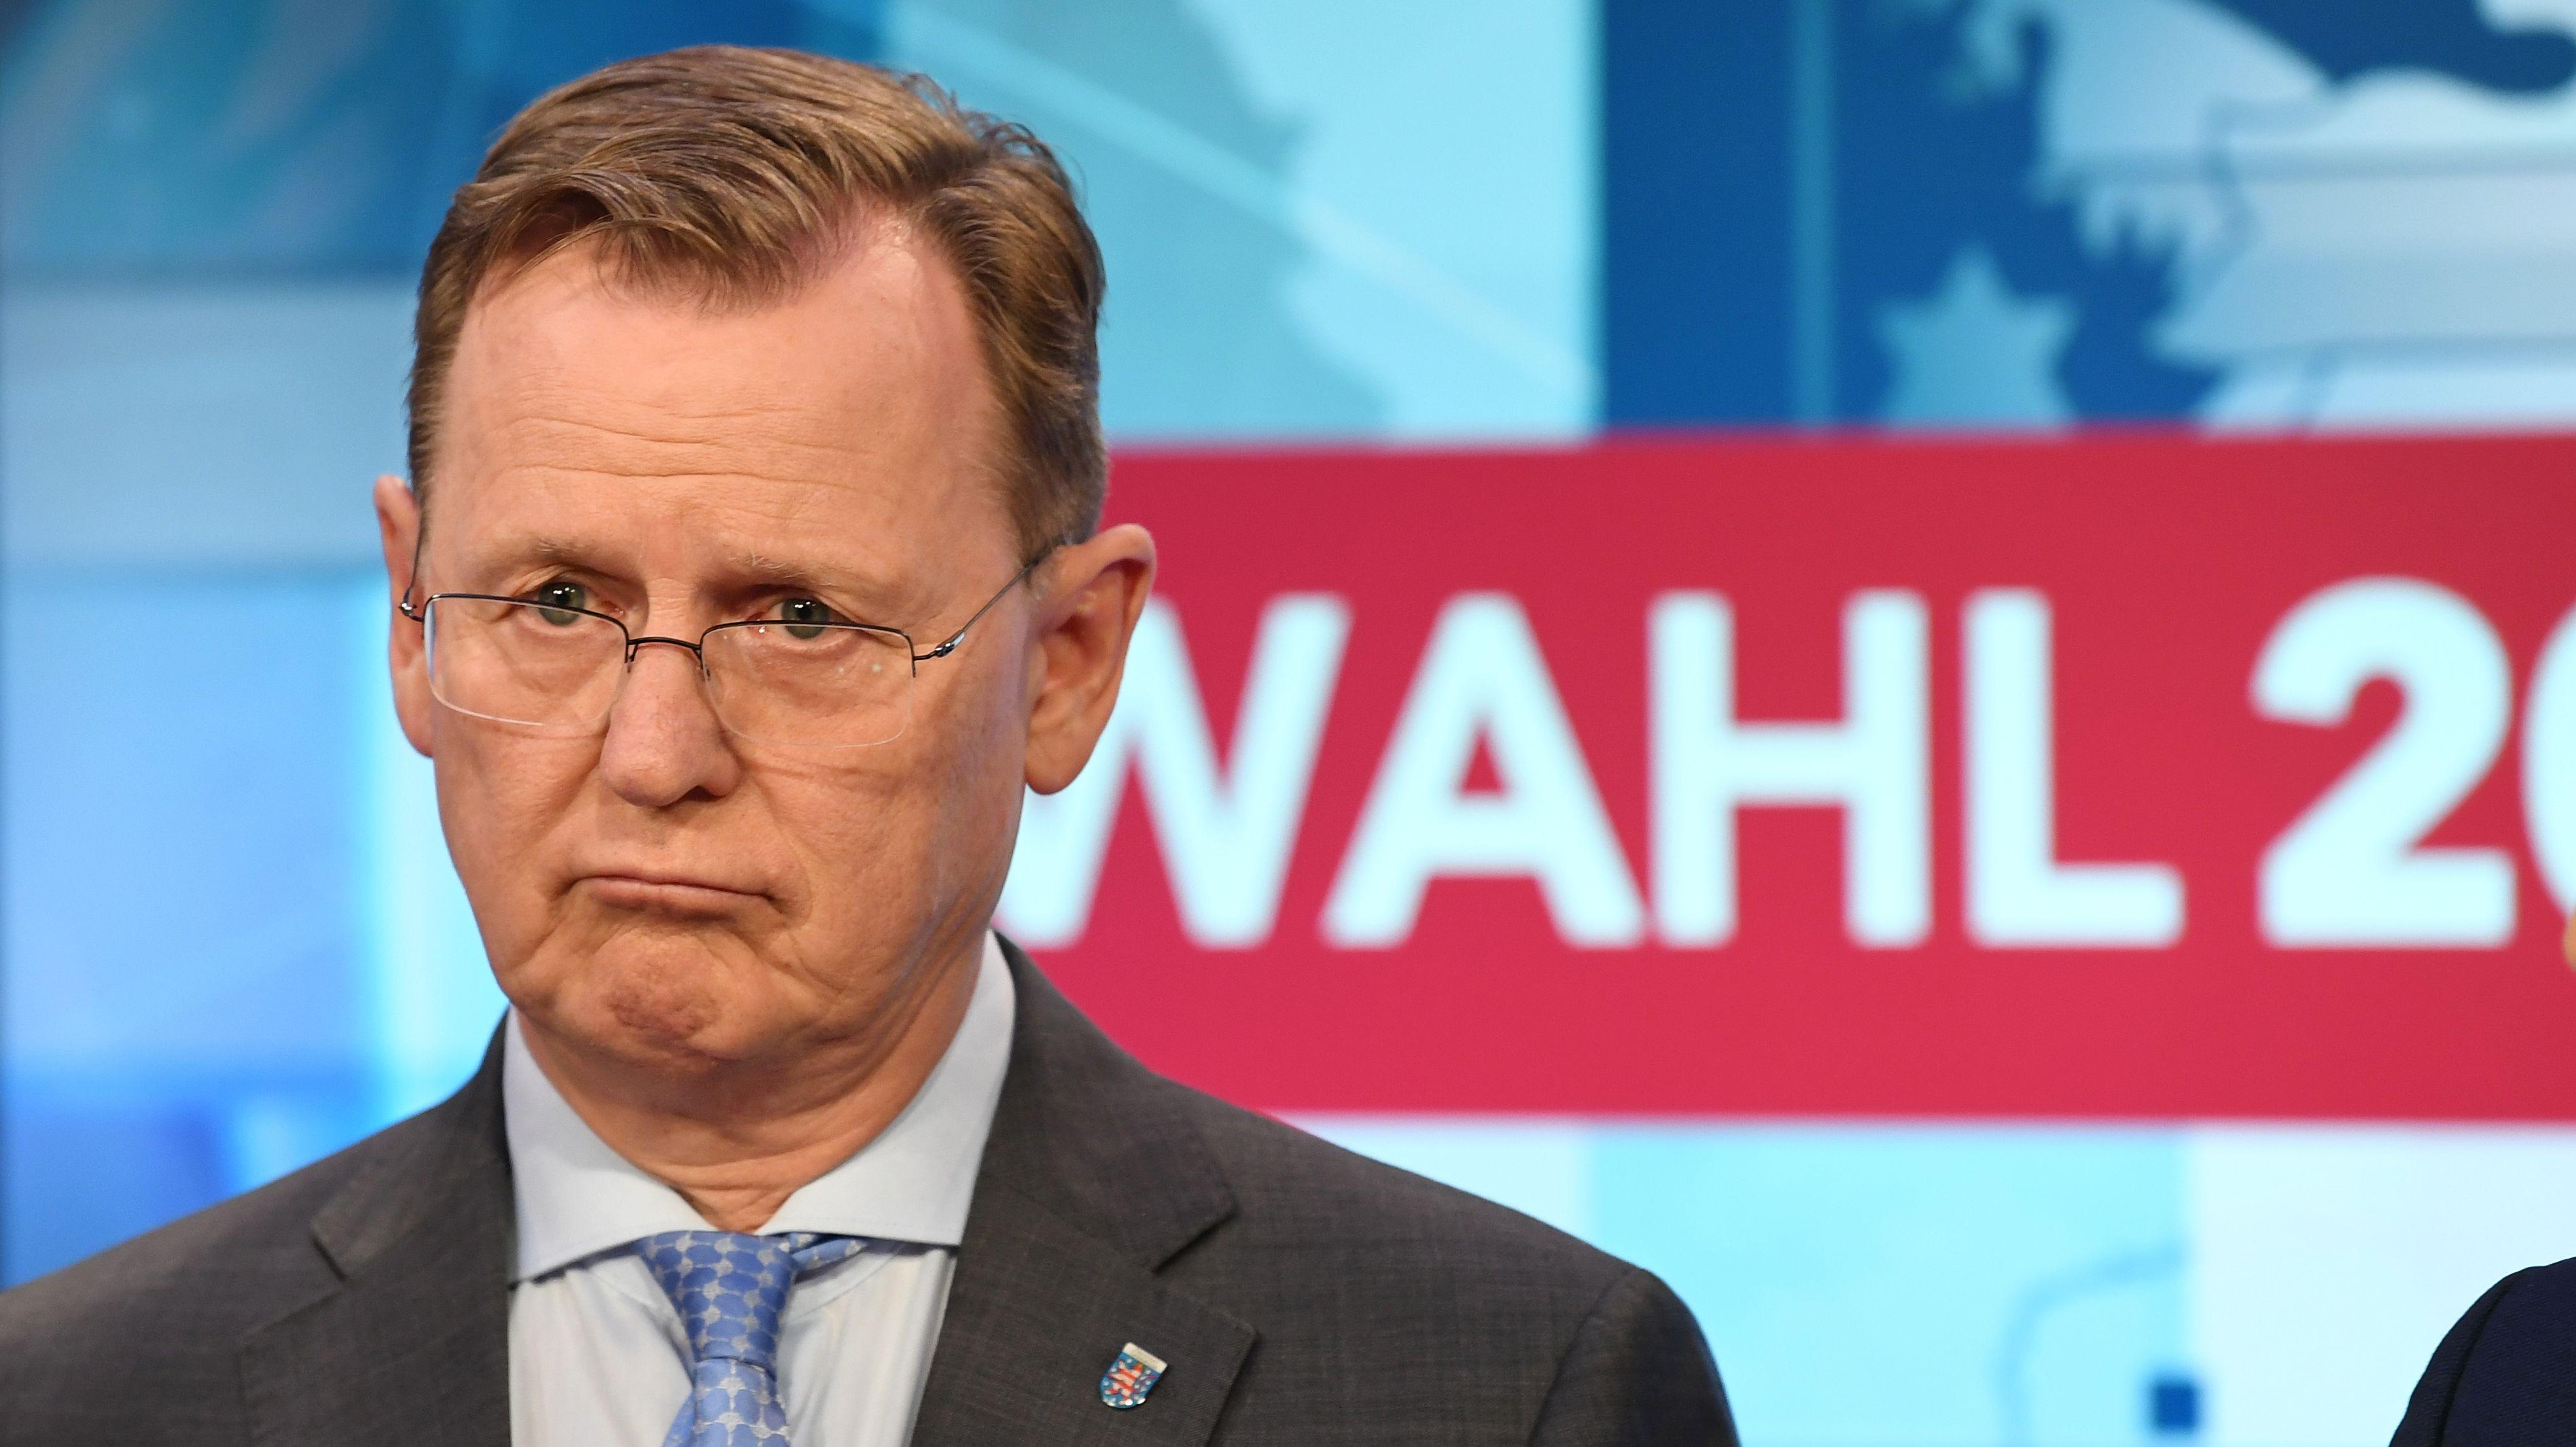 Thüringens Ministerpräsident Bodo Ramelow im Wahlstudio zum Ergebnis der Landtagswahl in Thüringen.